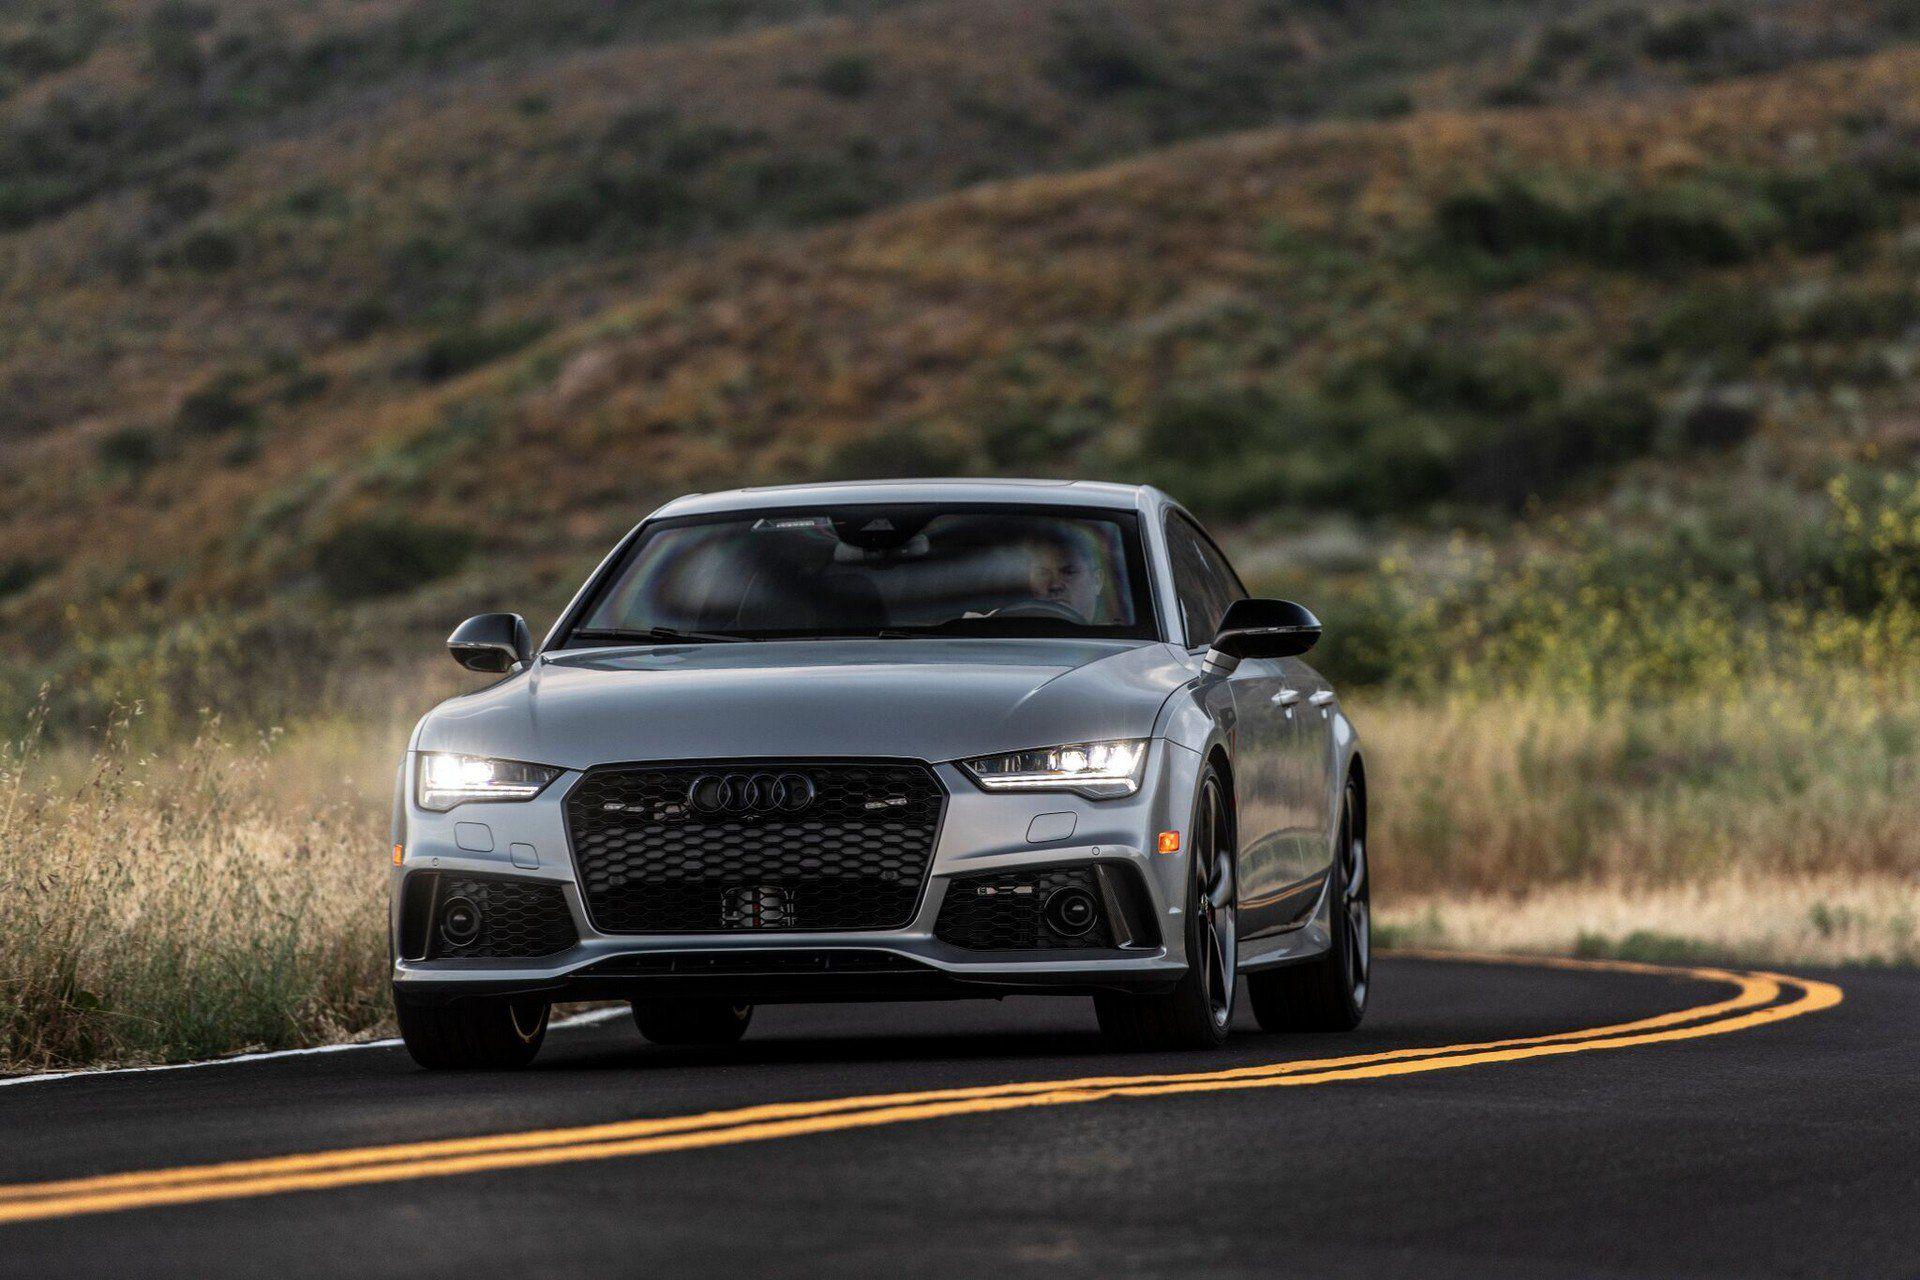 Biến Audi RS7 Sportback thành xe bọc thép nhanh nhất thế giới - 1